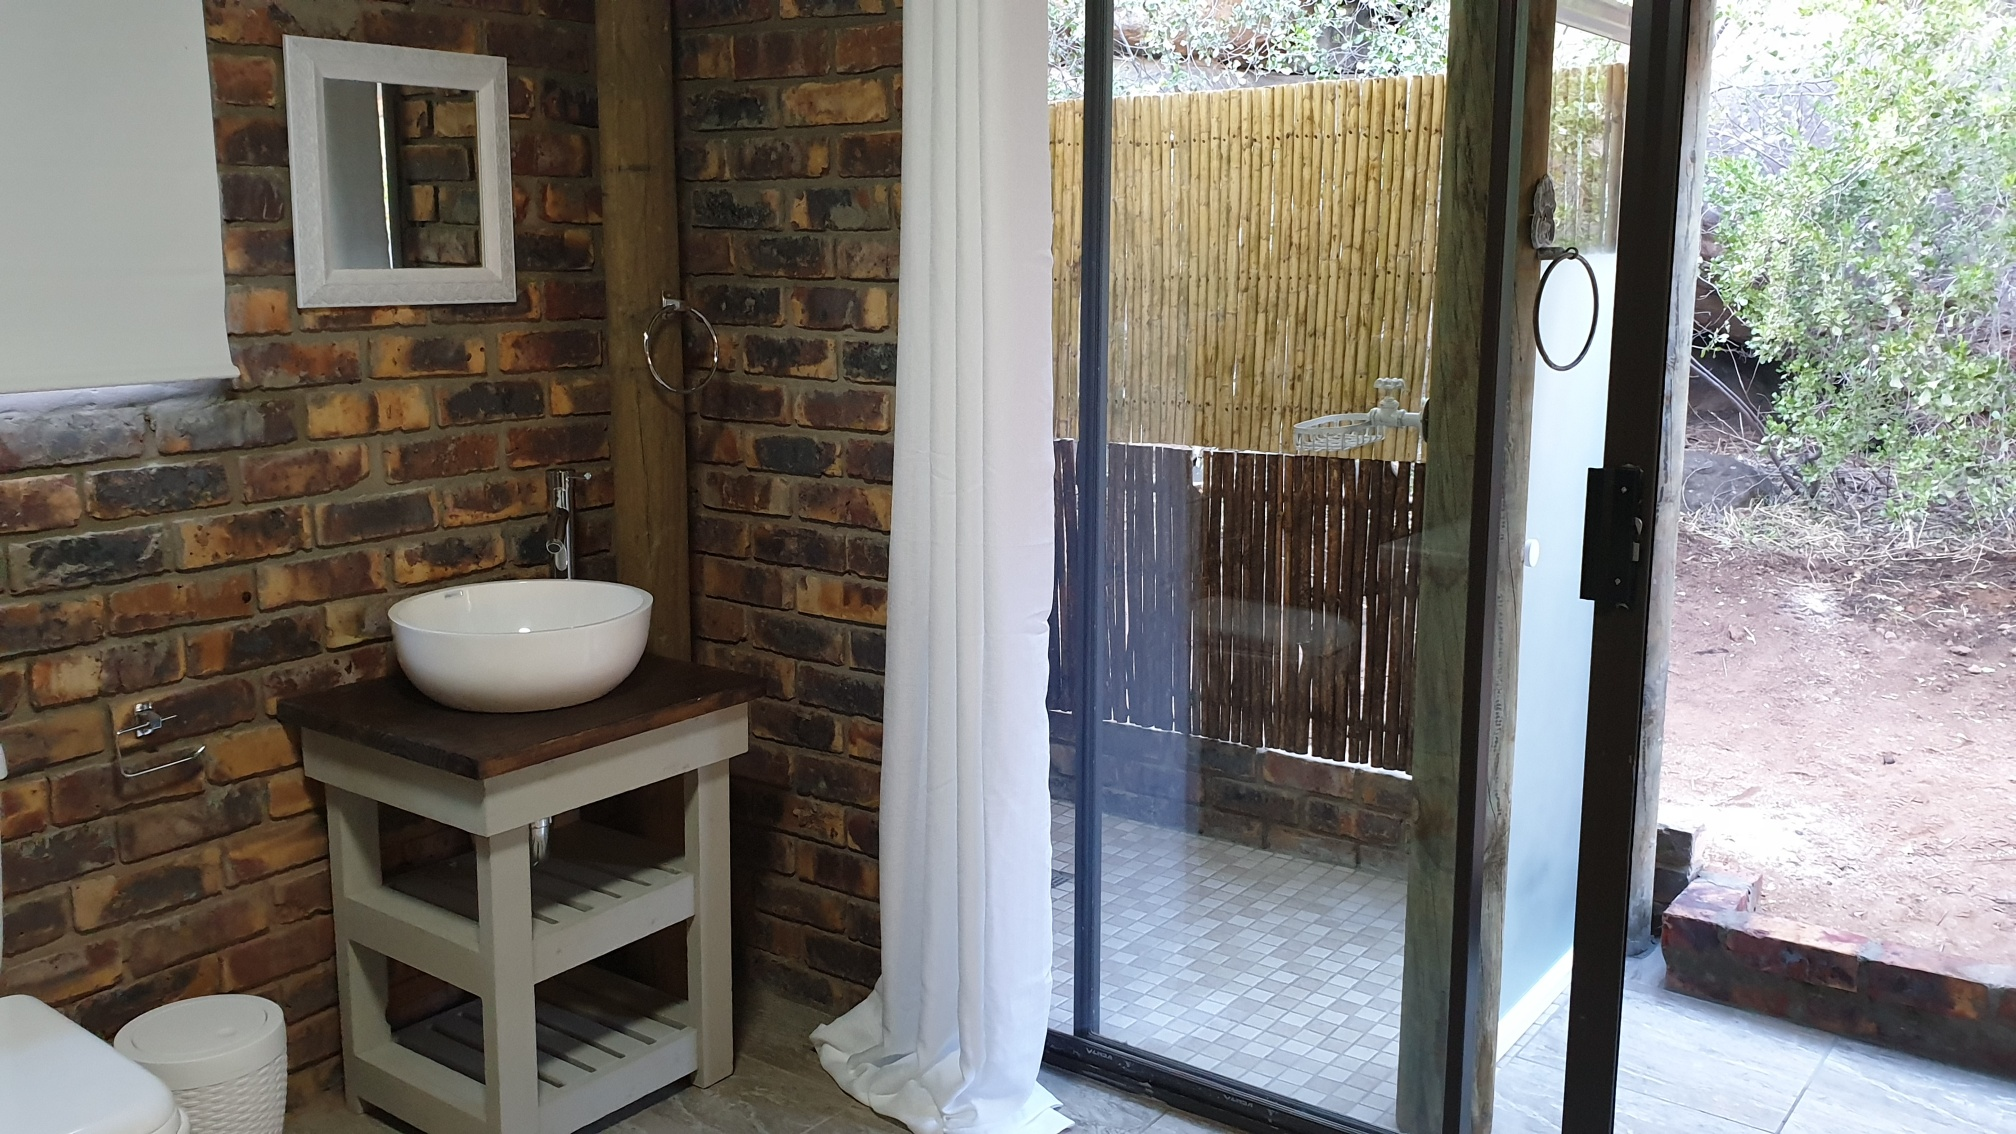 Schaapkraal shower/bathroom